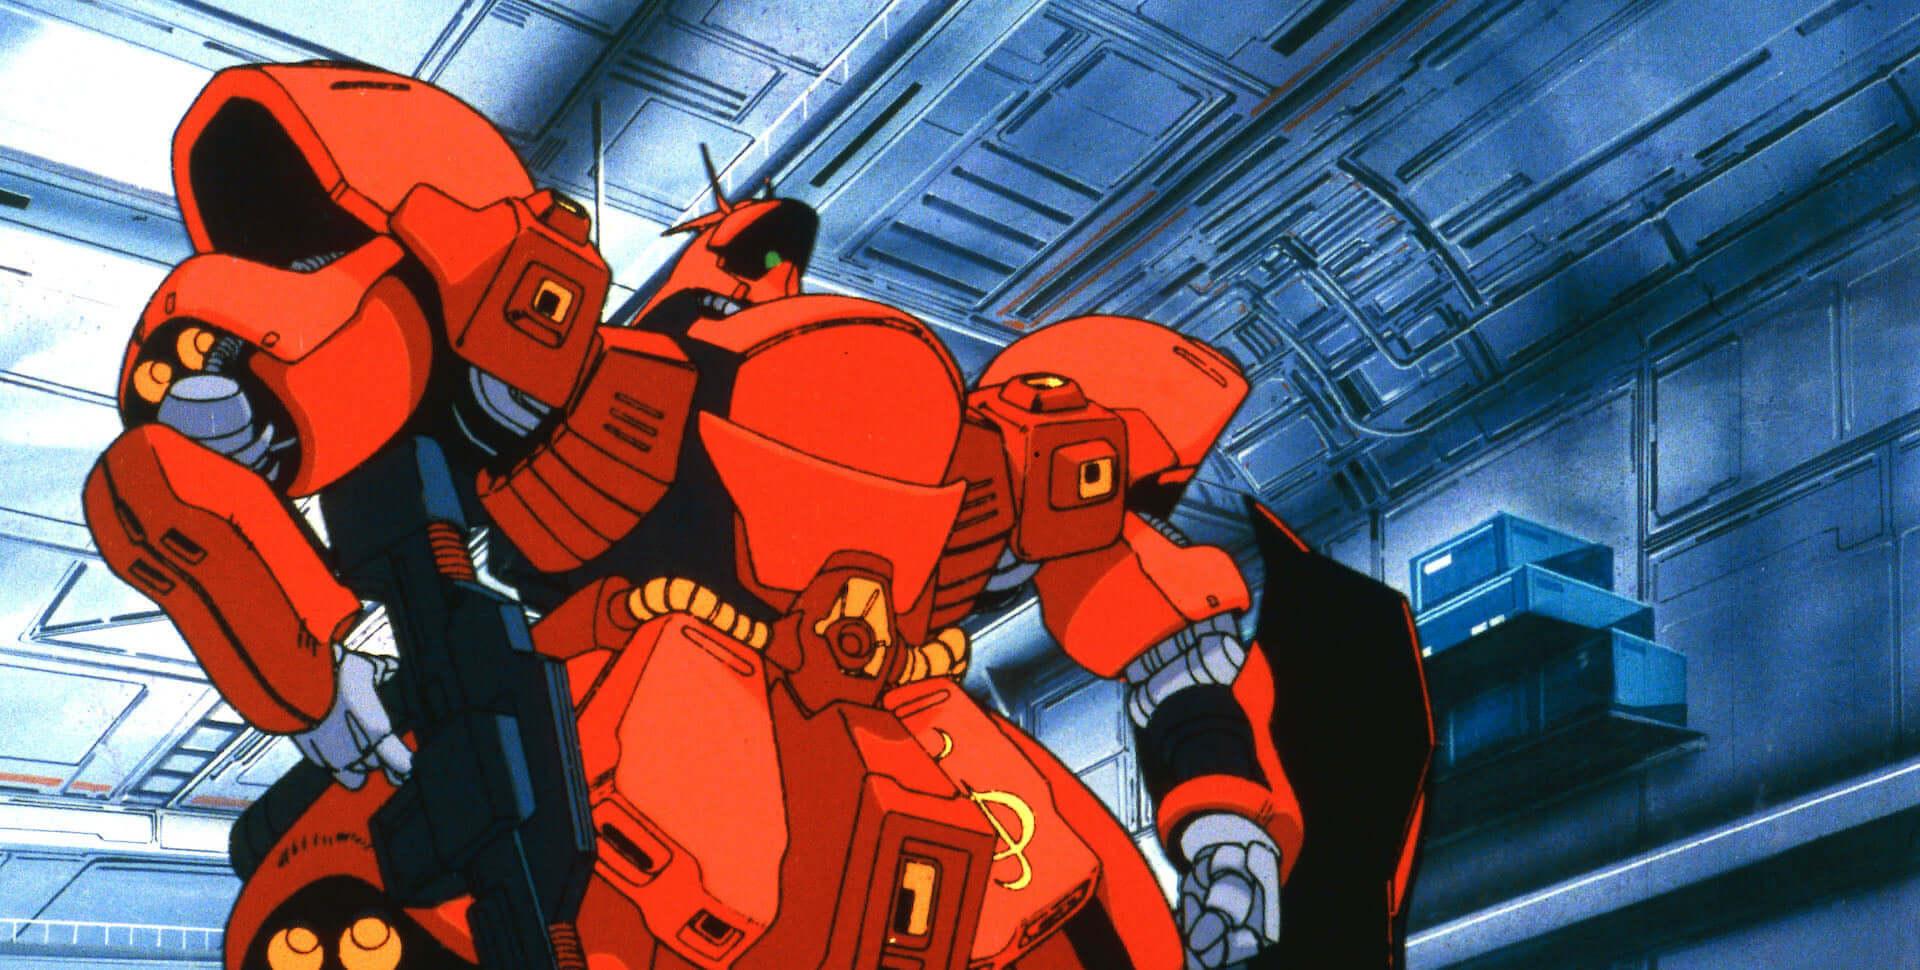 『逆襲のシャア』『ガンダムNT』を大迫力で楽しもう!「ガンダム映像新体験TOUR」4DXリバイバル上映劇場が追加決定 film200603_gundam_4dx_01-1920x970